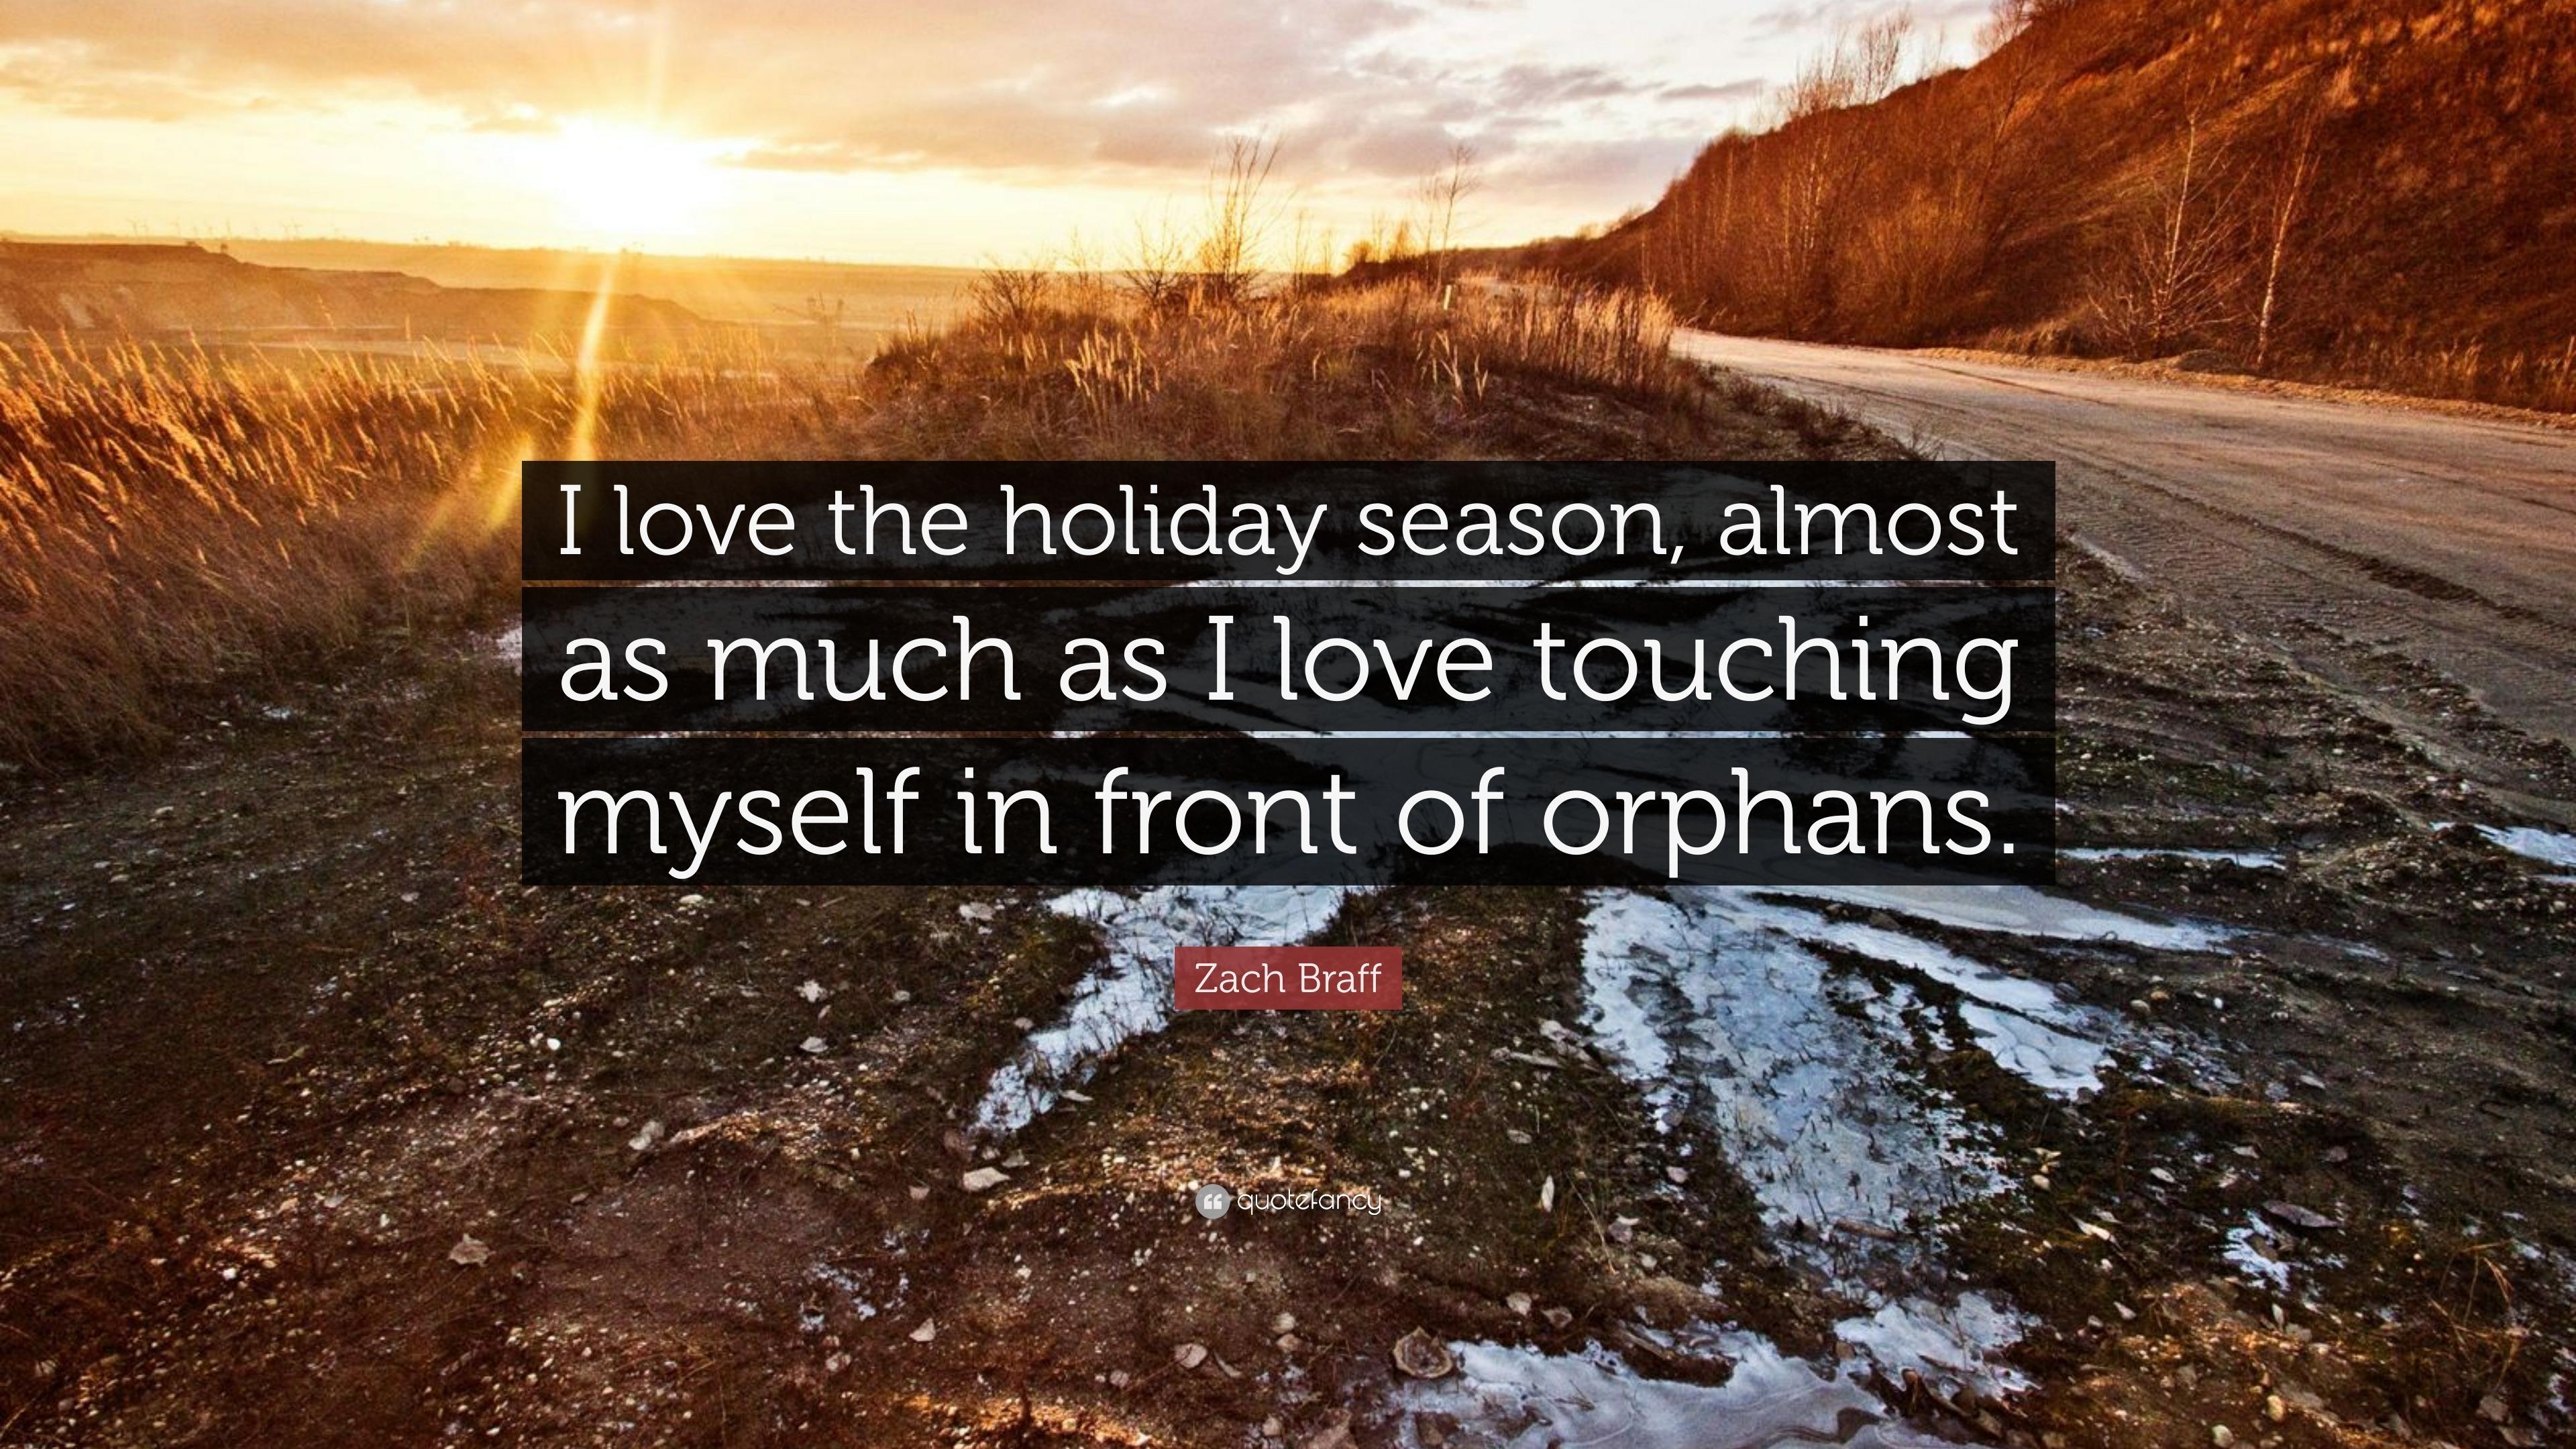 I love touching myself!